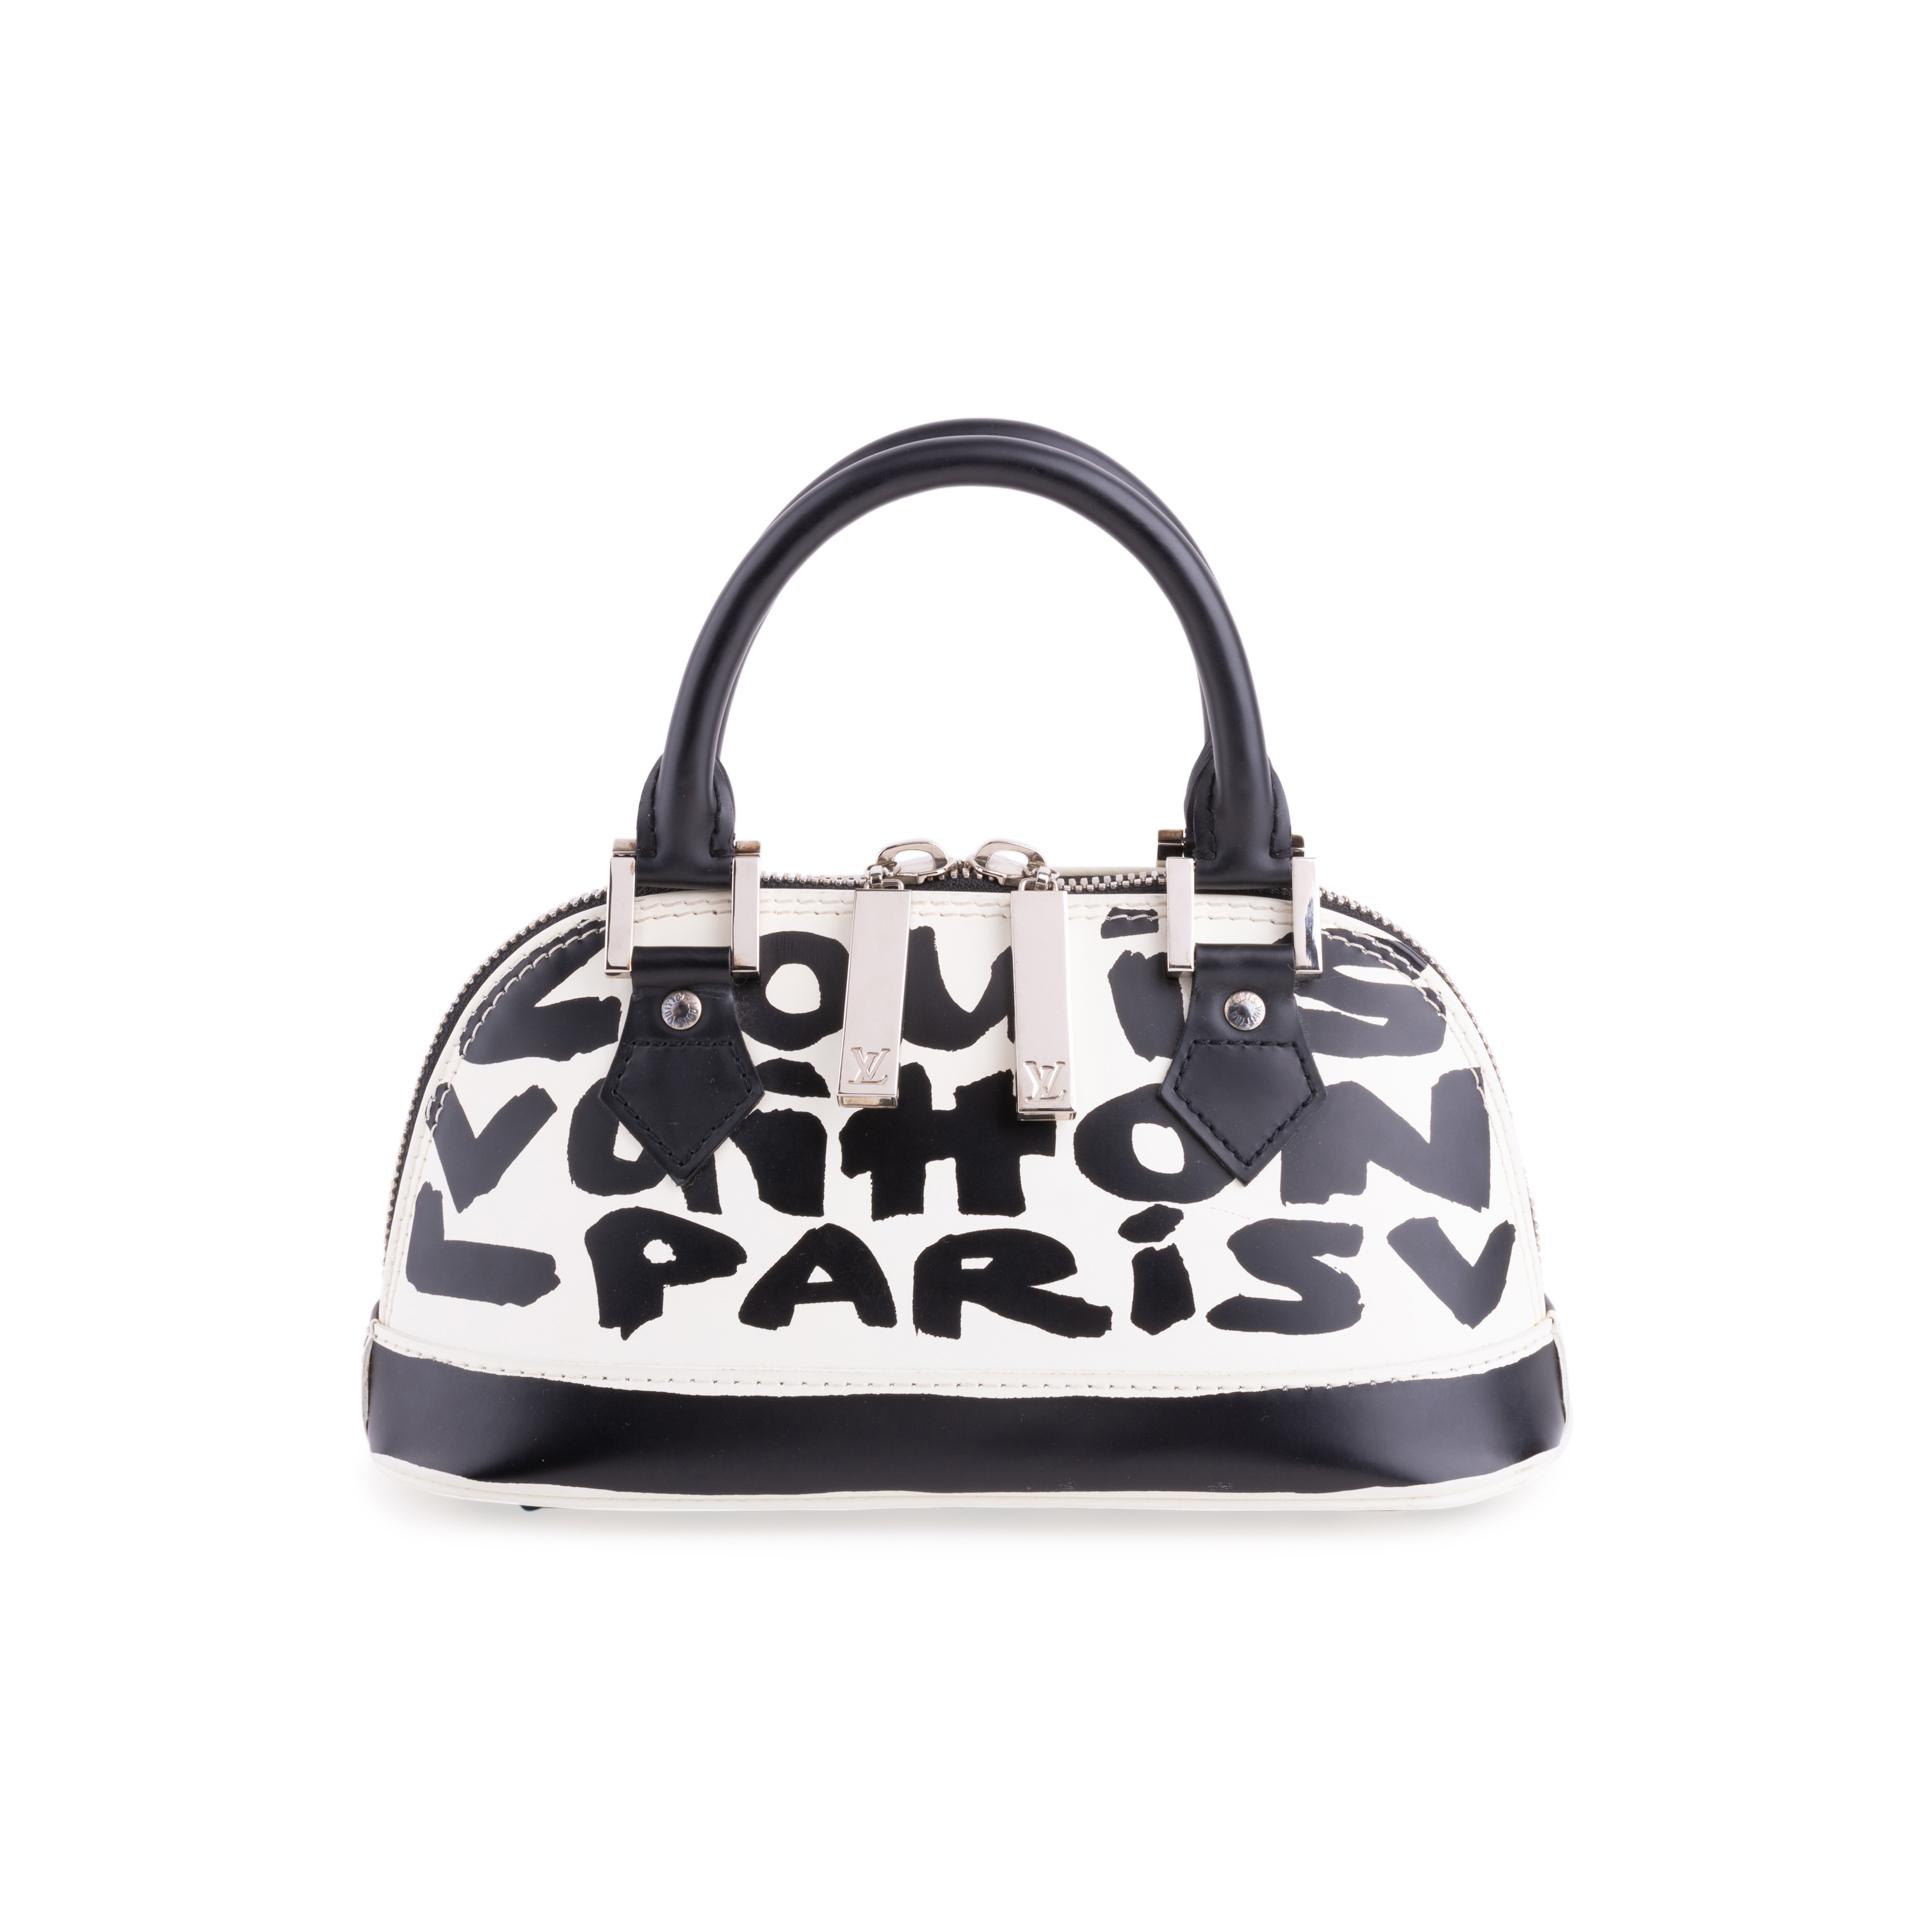 7bec87b6933e Authentic Second Hand Louis Vuitton Graffiti Noir PM Bag (PSS-200-01678)